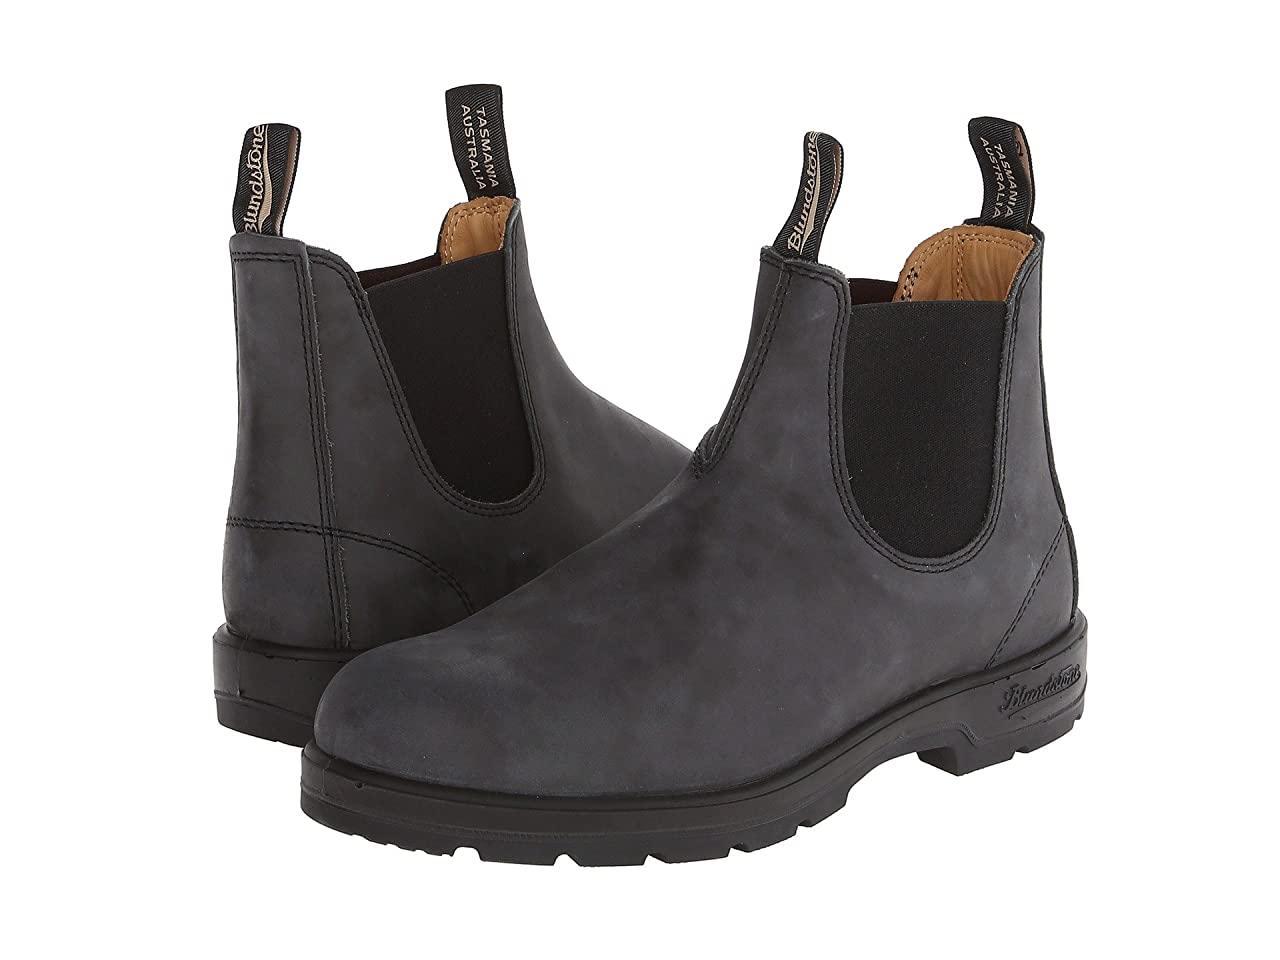 Ботинки/Сапоги (Оригинал) Blundstone 587 Rustic Black